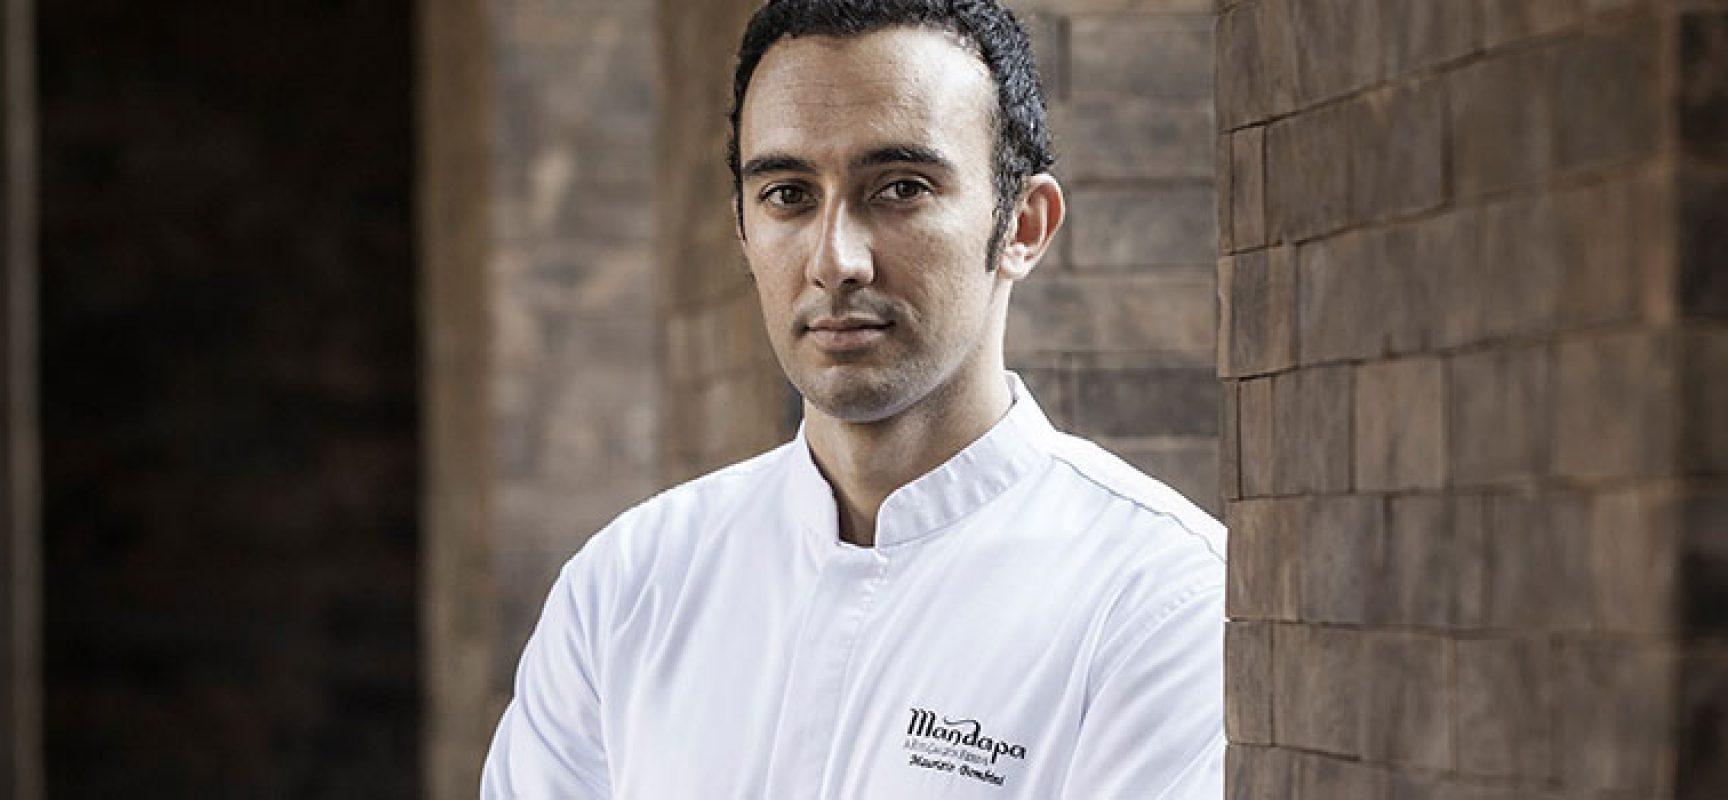 Maurizio Bombini, l'Executive Chef biscegliese che spopola in Oriente / FOTOGALLERY